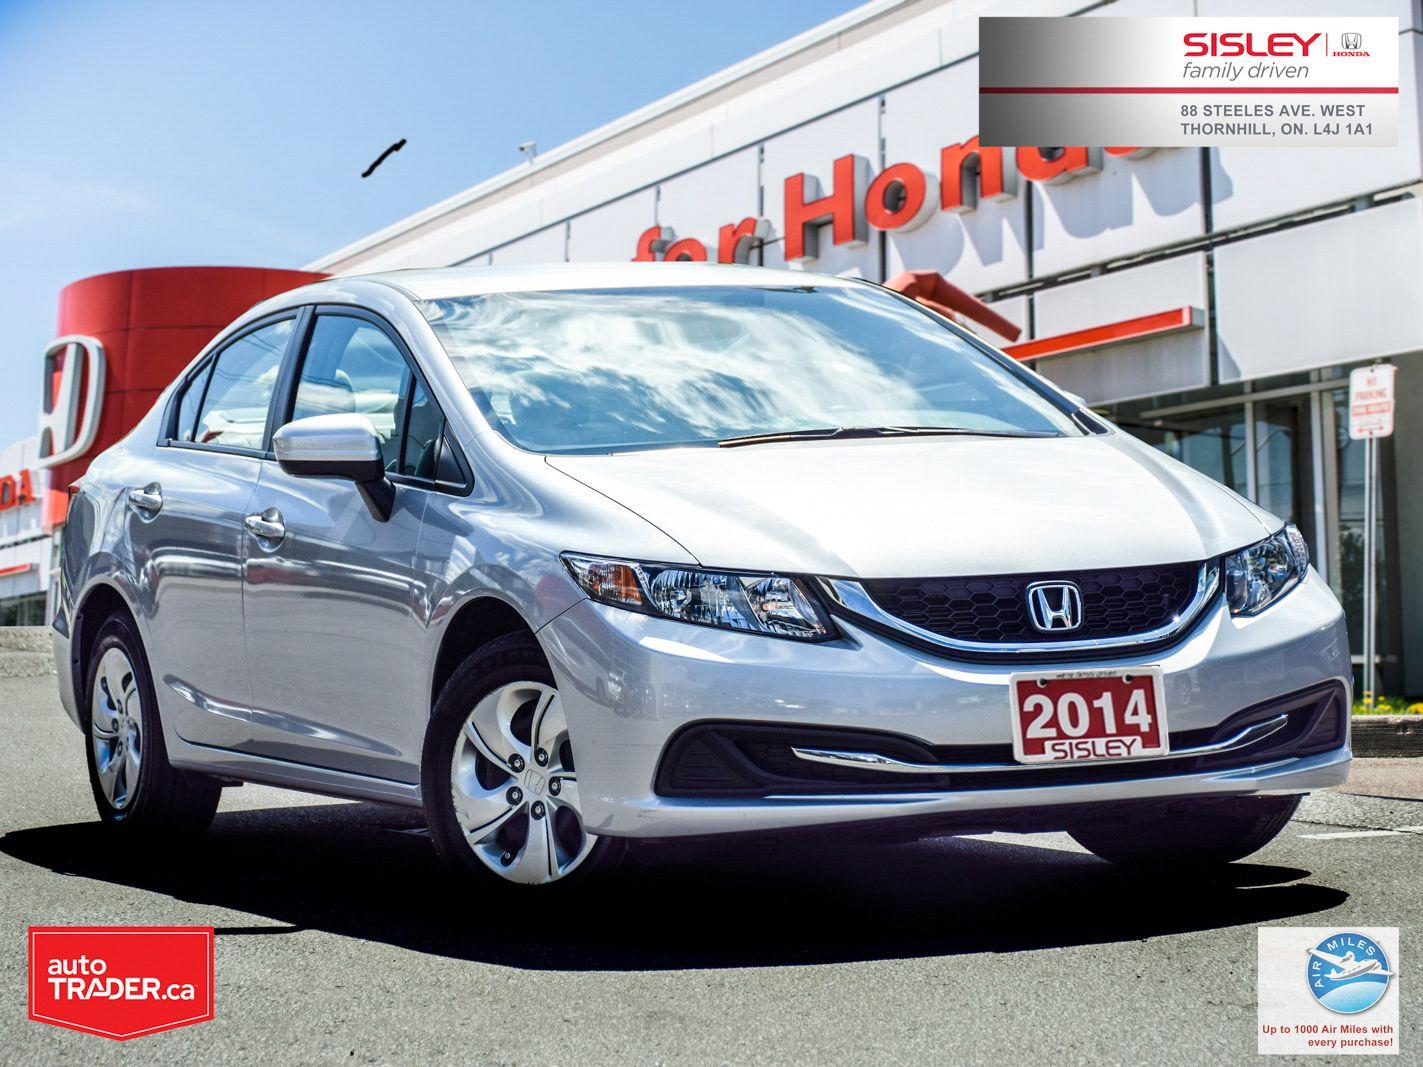 2014 Honda Civic Sedan Image